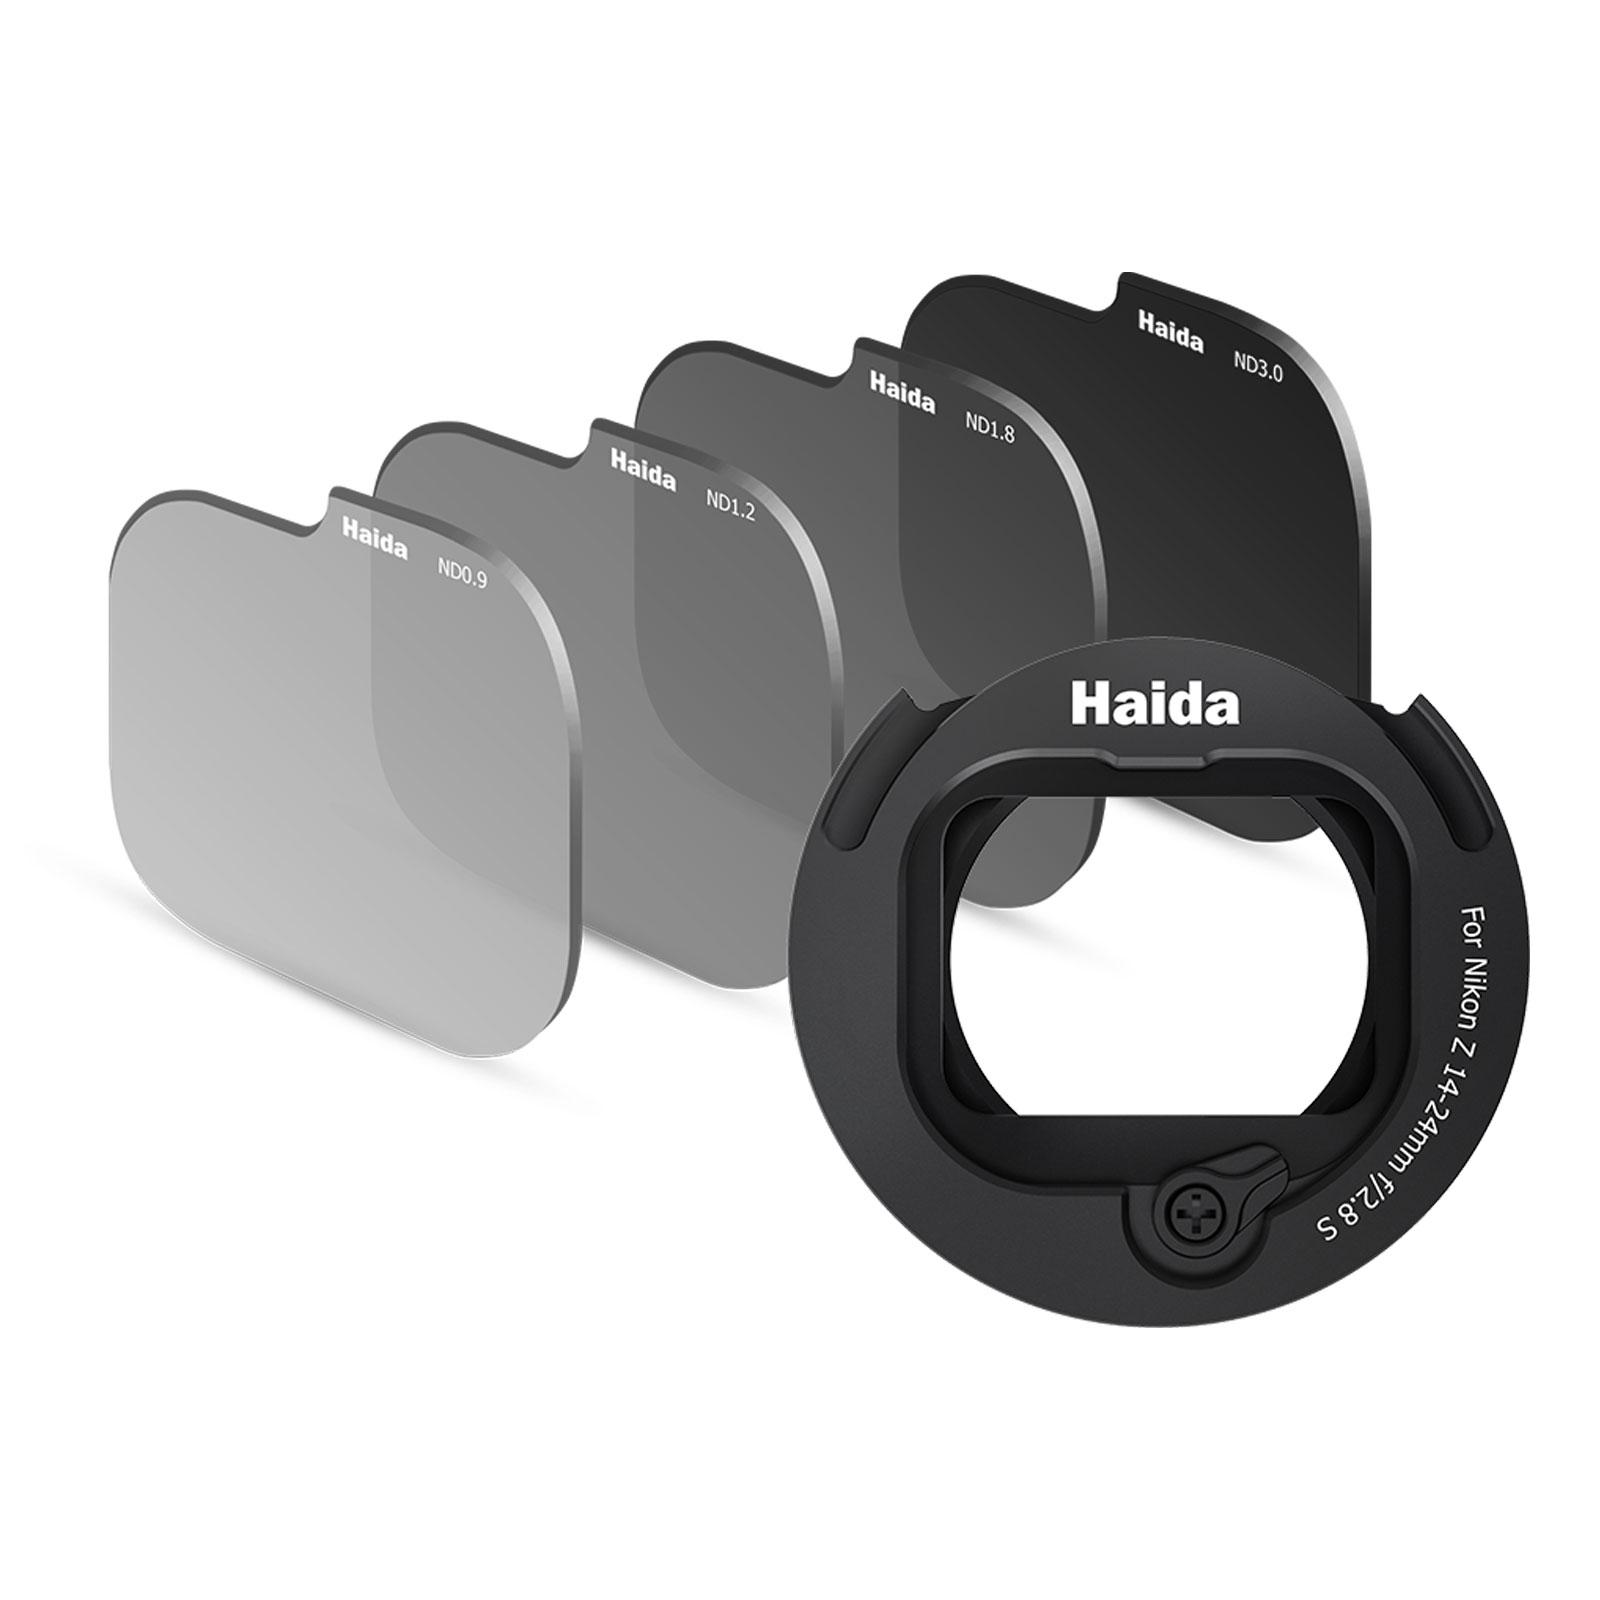 Nikon-Z-14-24mm-f-2.8-S-Rear-Lens-Kit